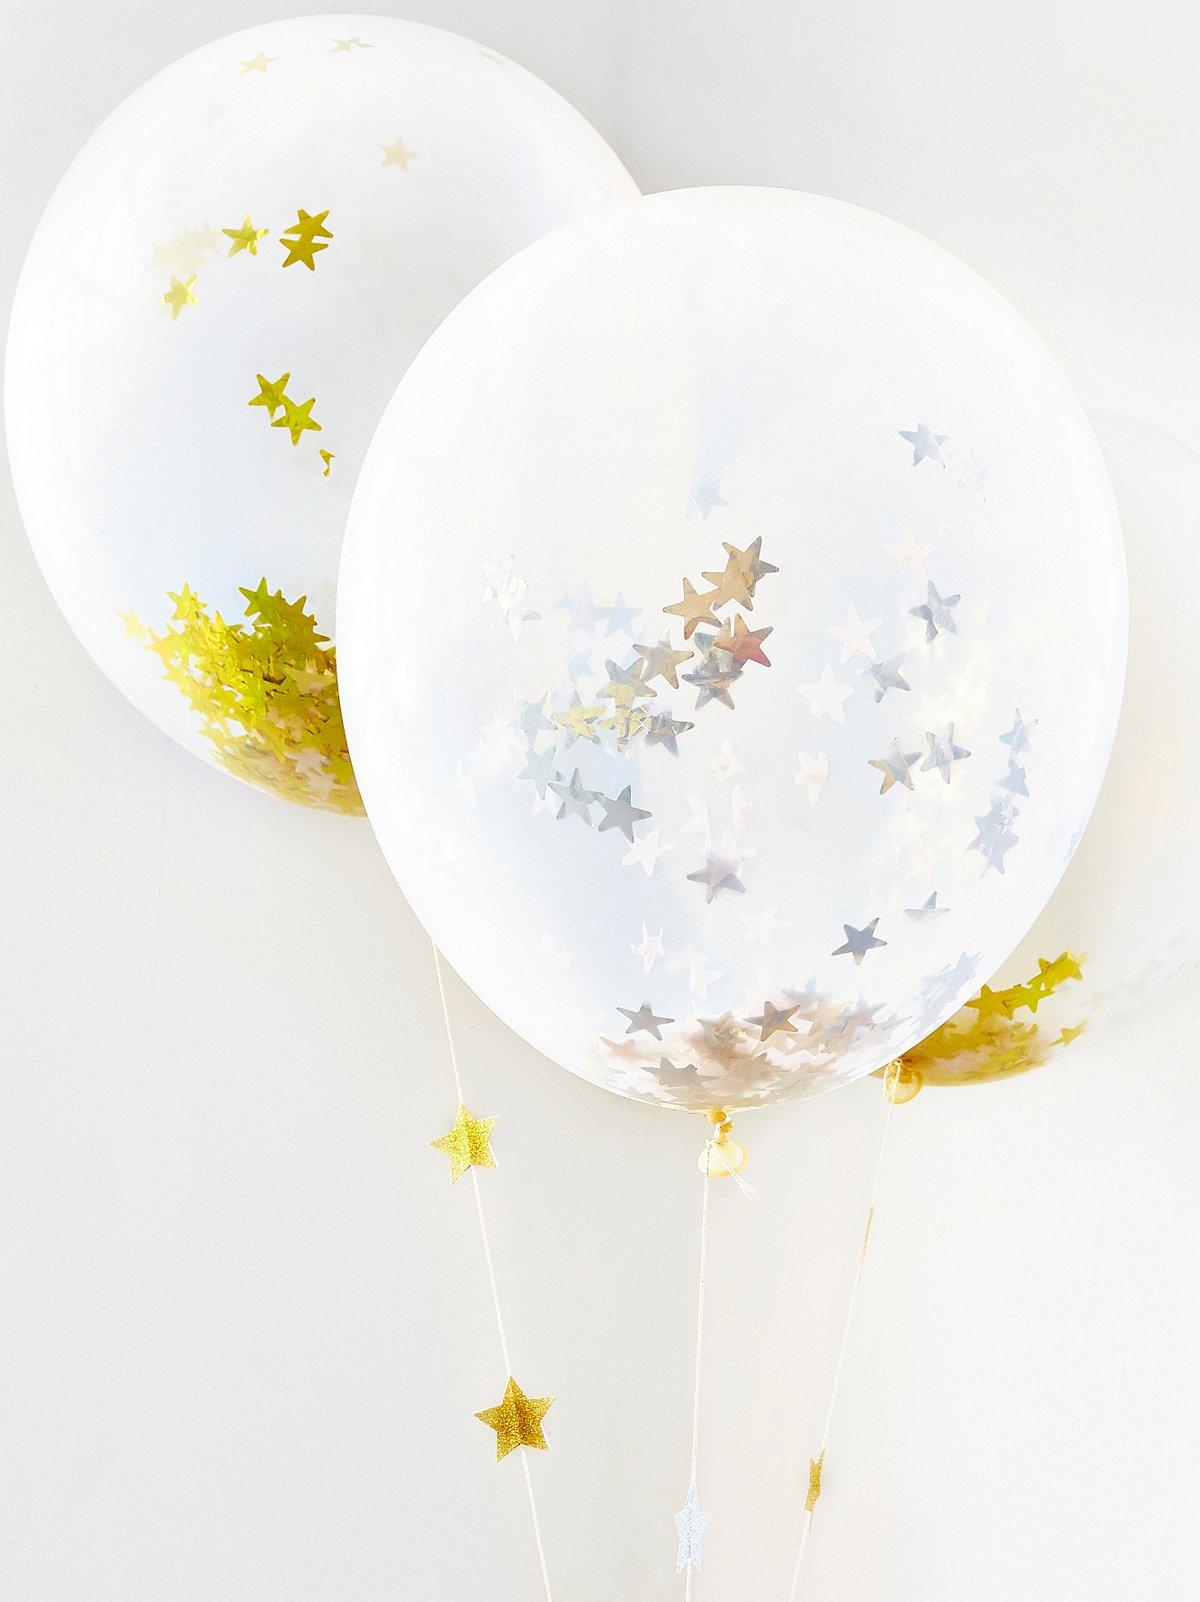 星形五彩纸屑大气球